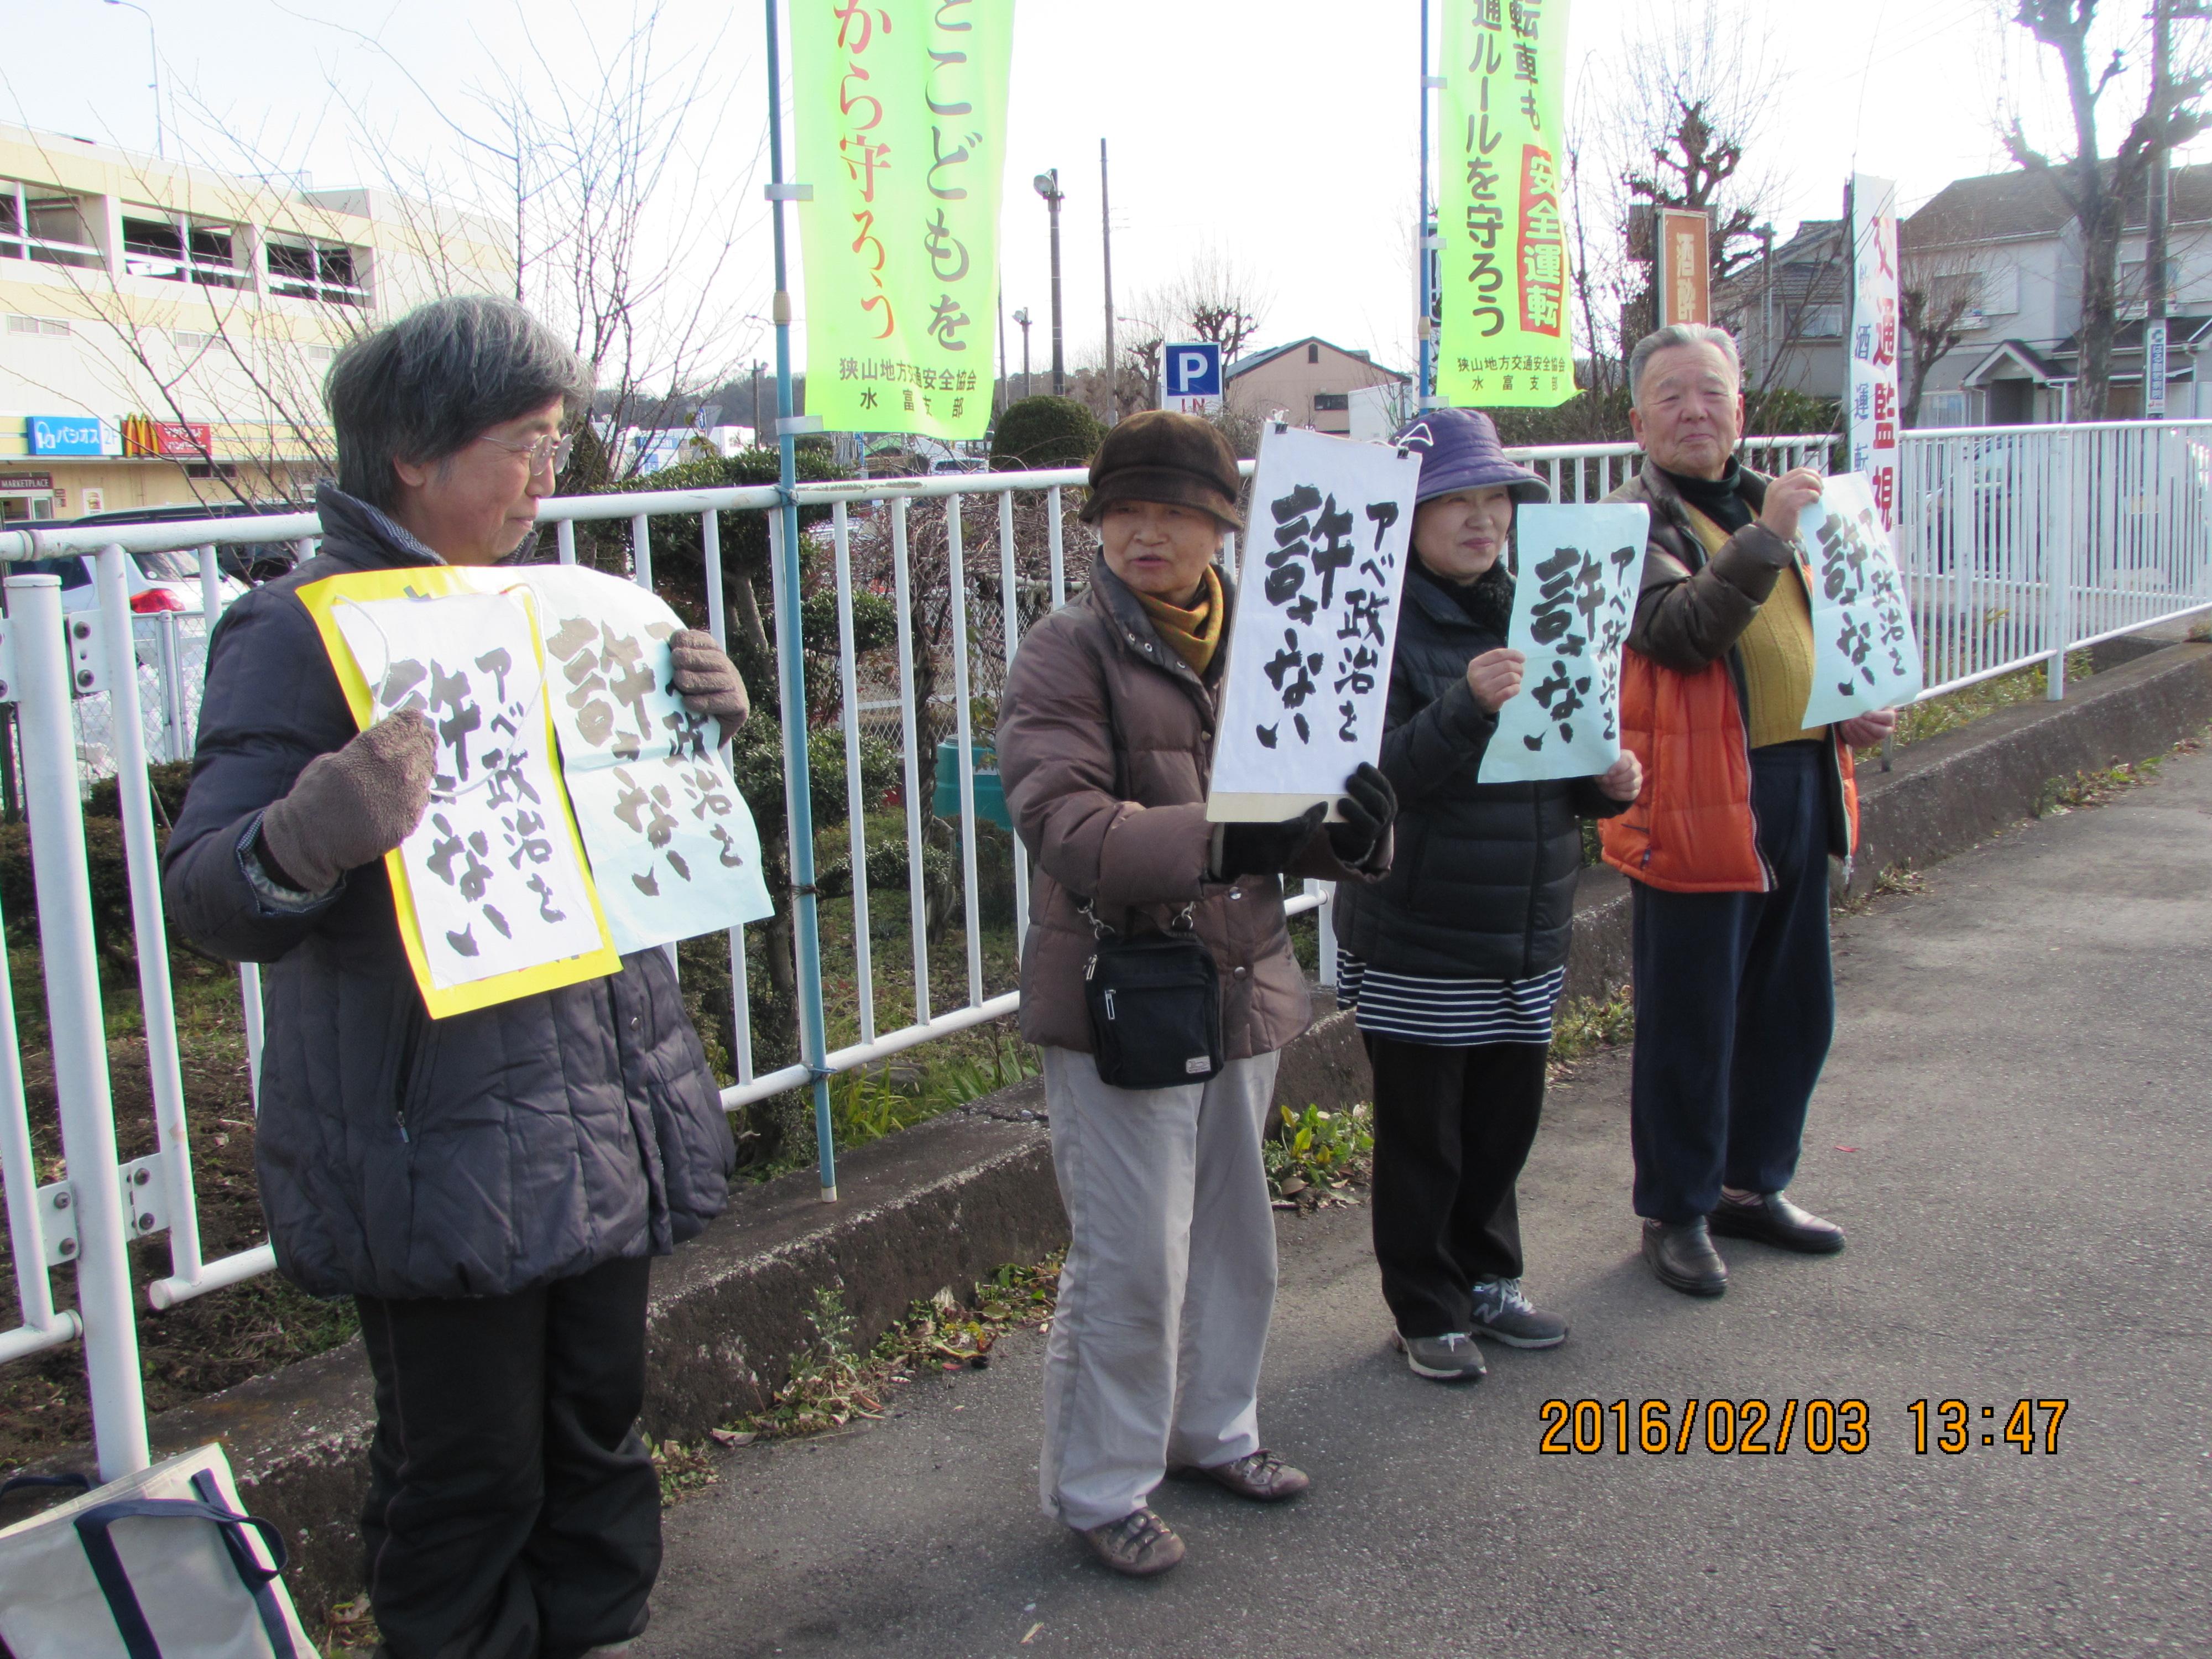 「アベ政治許さない」のスタンデイング行動2月3日 ヤオコー広瀬店前にて